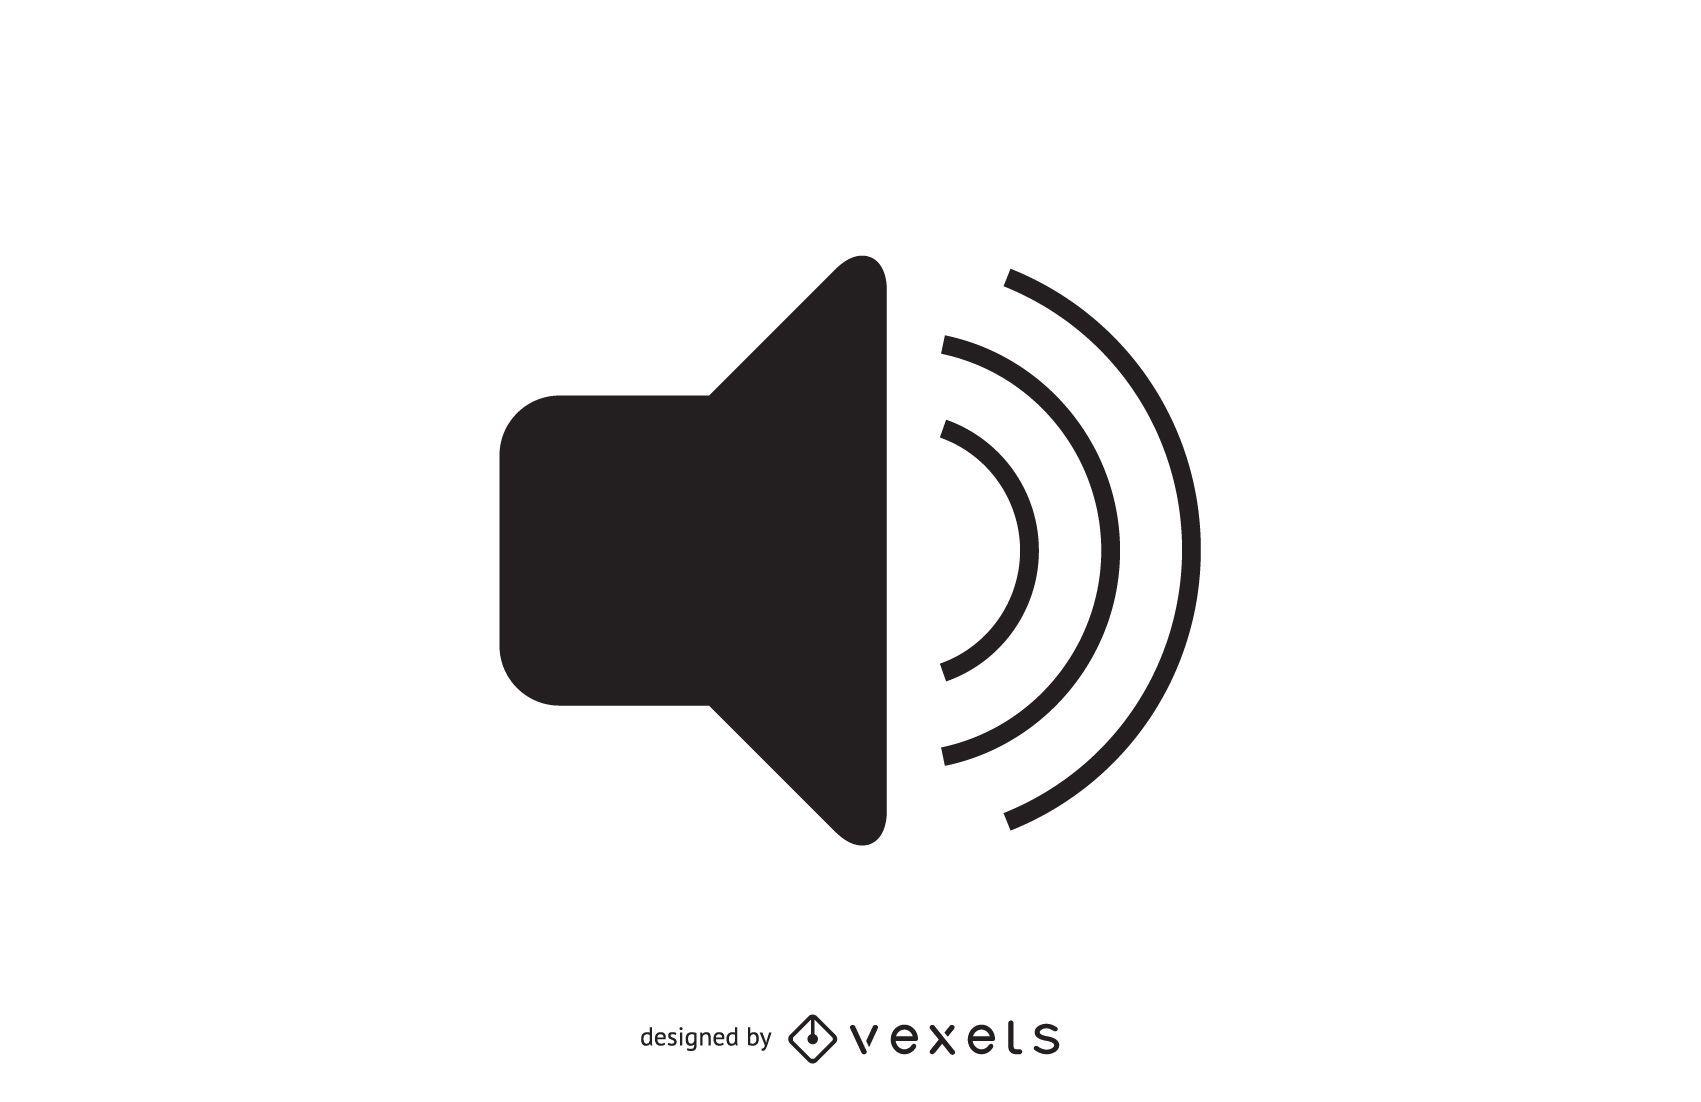 Icono de volumen de audio simple